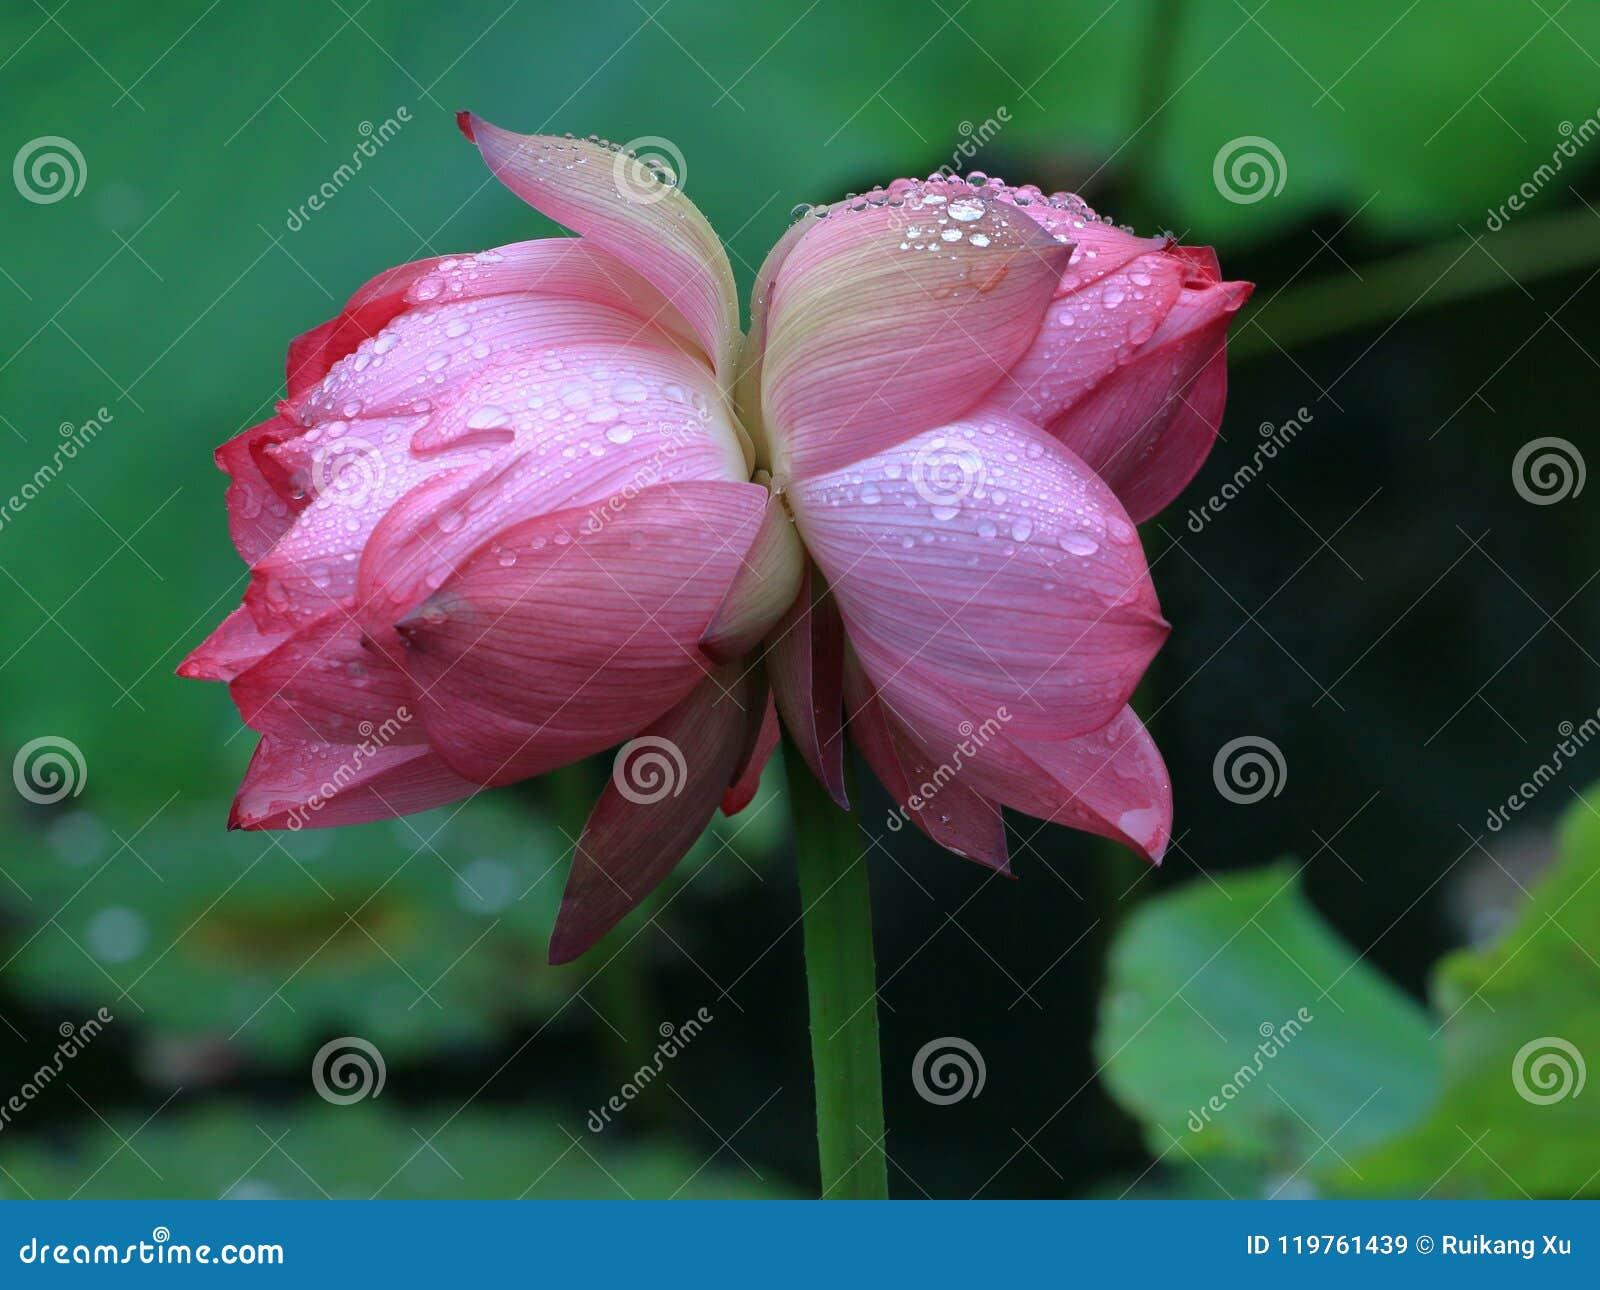 Ostateczny w cncondom należy lotos , ja no może ono reprodukować no należy rozmaitość i może tylko być n, genetyczne,